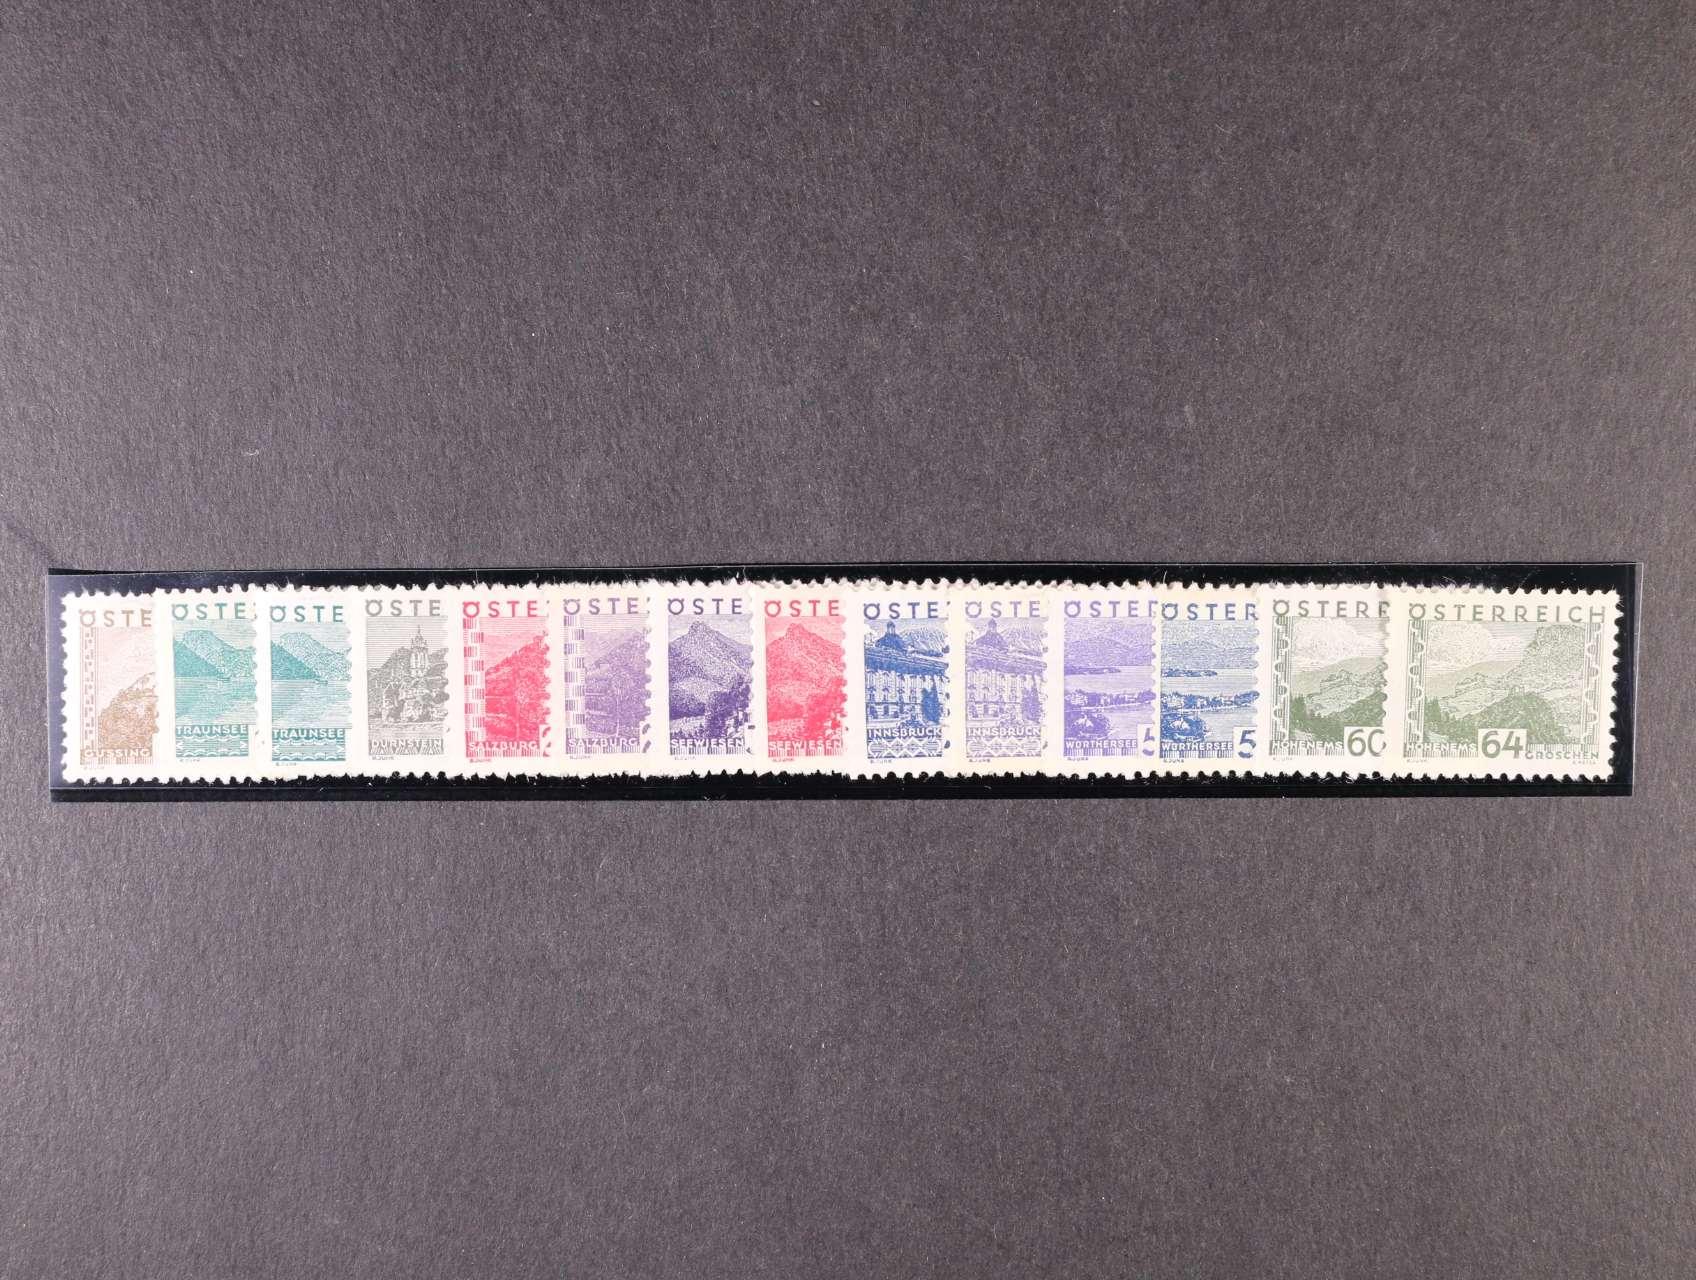 zn. Mi. č. 530 - 543 Krajinky malý formát, kompl. série, 1000 EUR